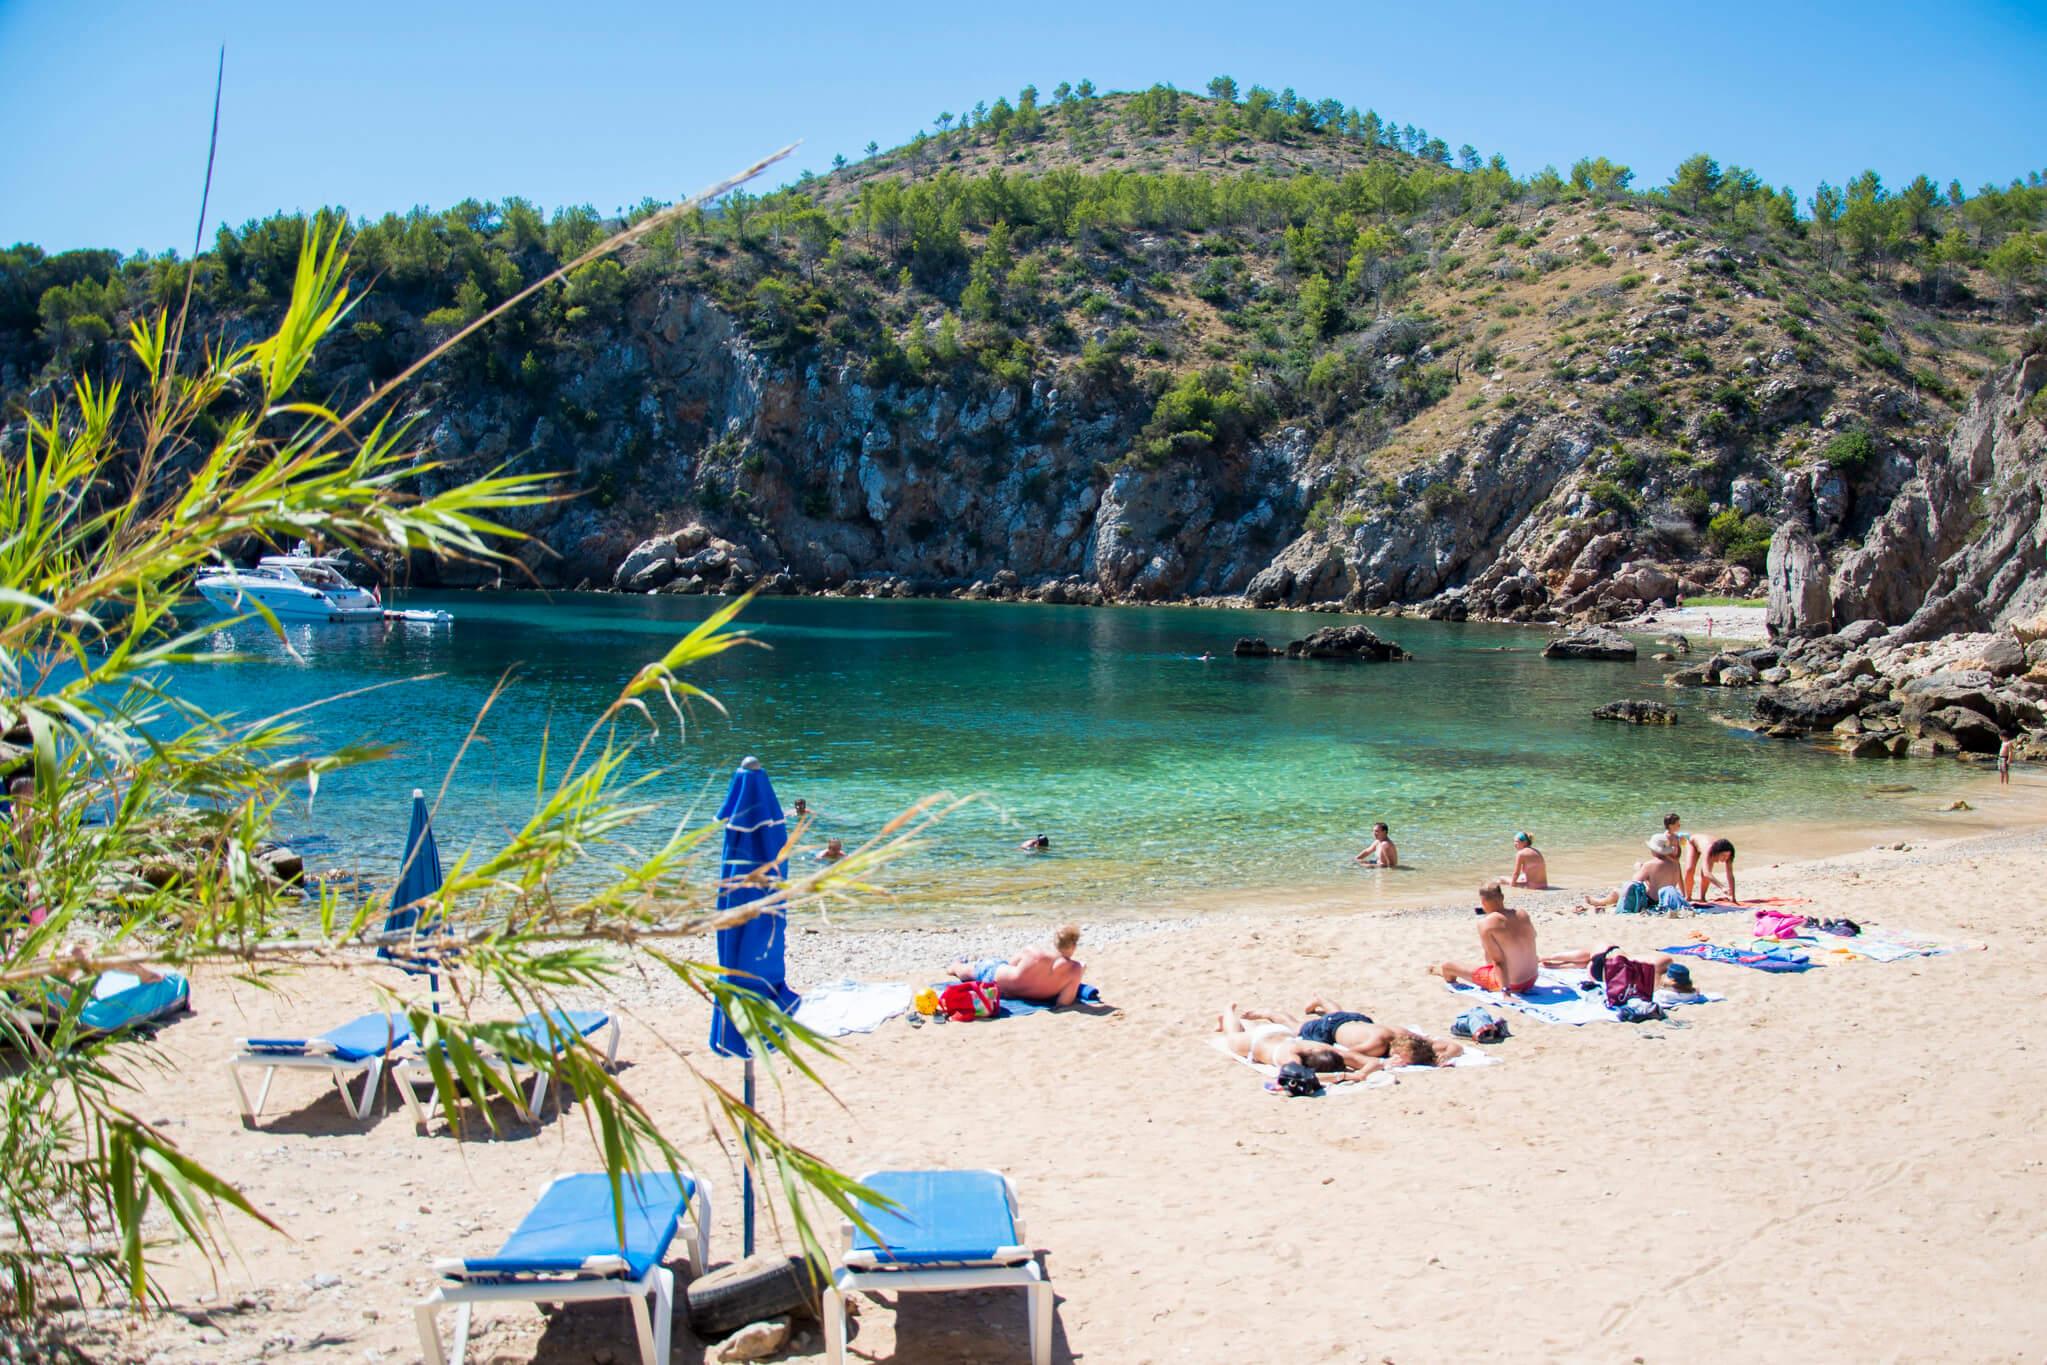 https://www.white-ibiza.com/wp-content/uploads/2020/03/ibiza-beaches-cala-den-serra-04.jpg